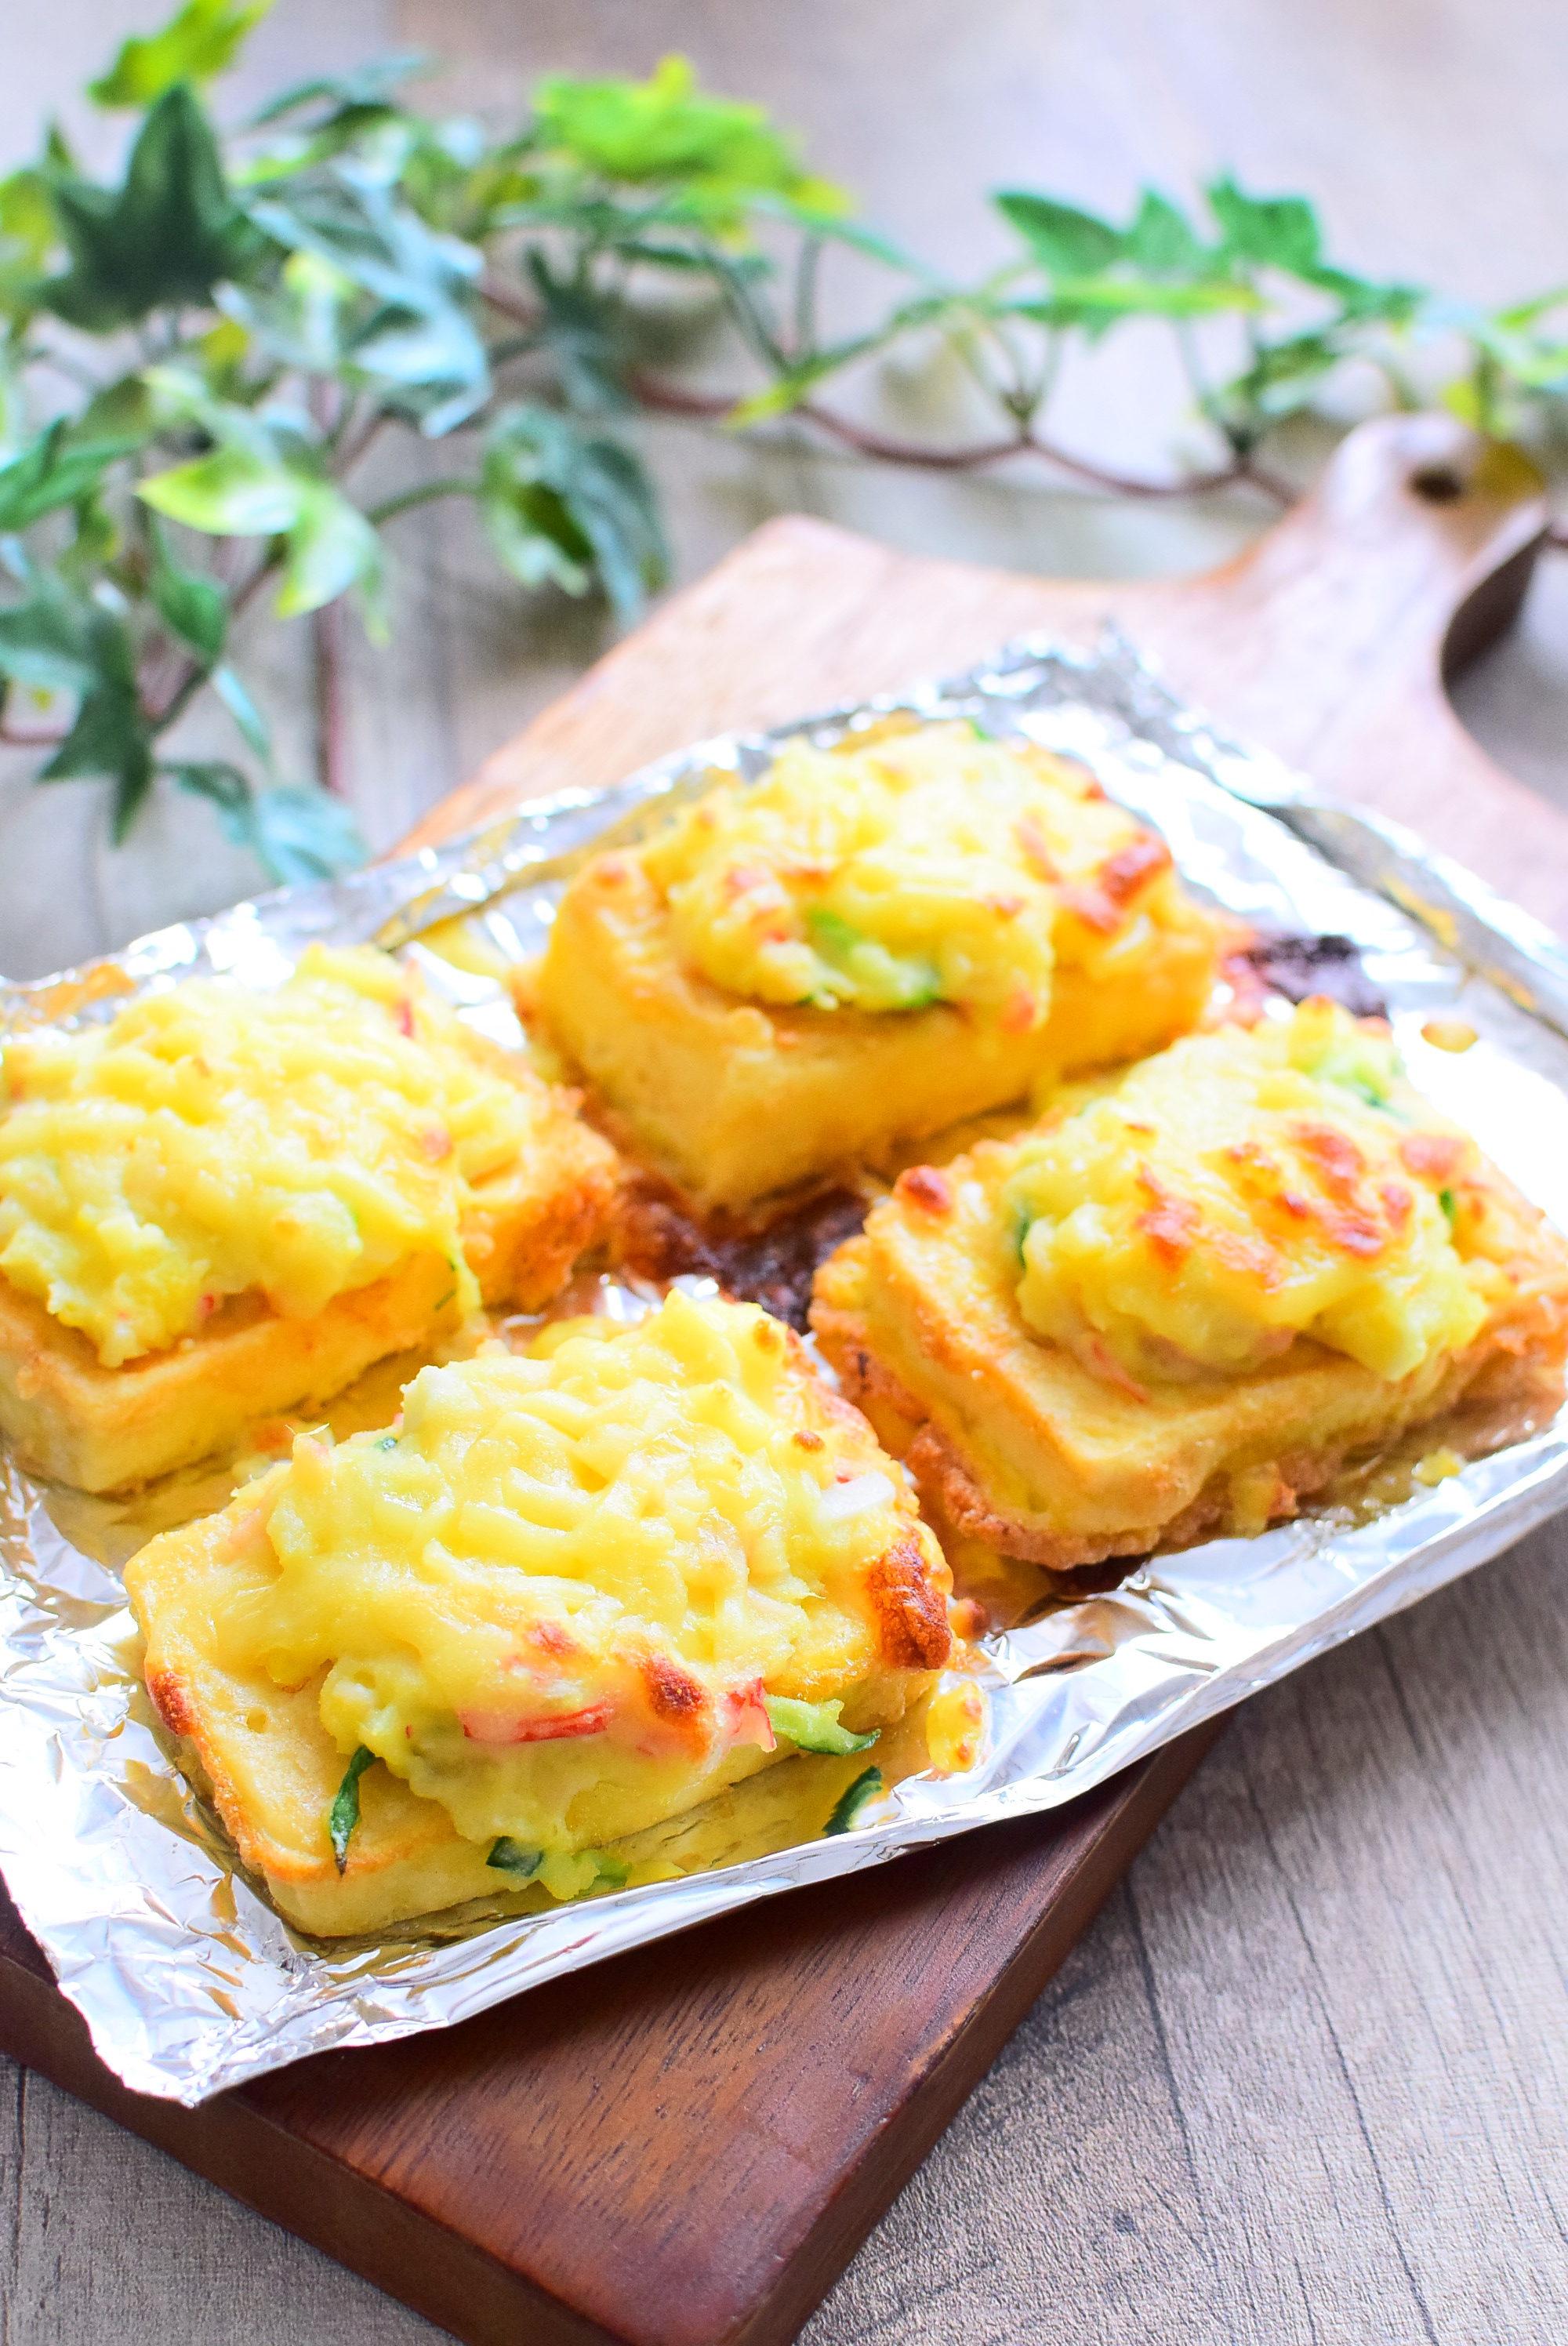 残ったポテトサラダで作る!豆腐のポテトサラダのせチーズ焼きのレシピ